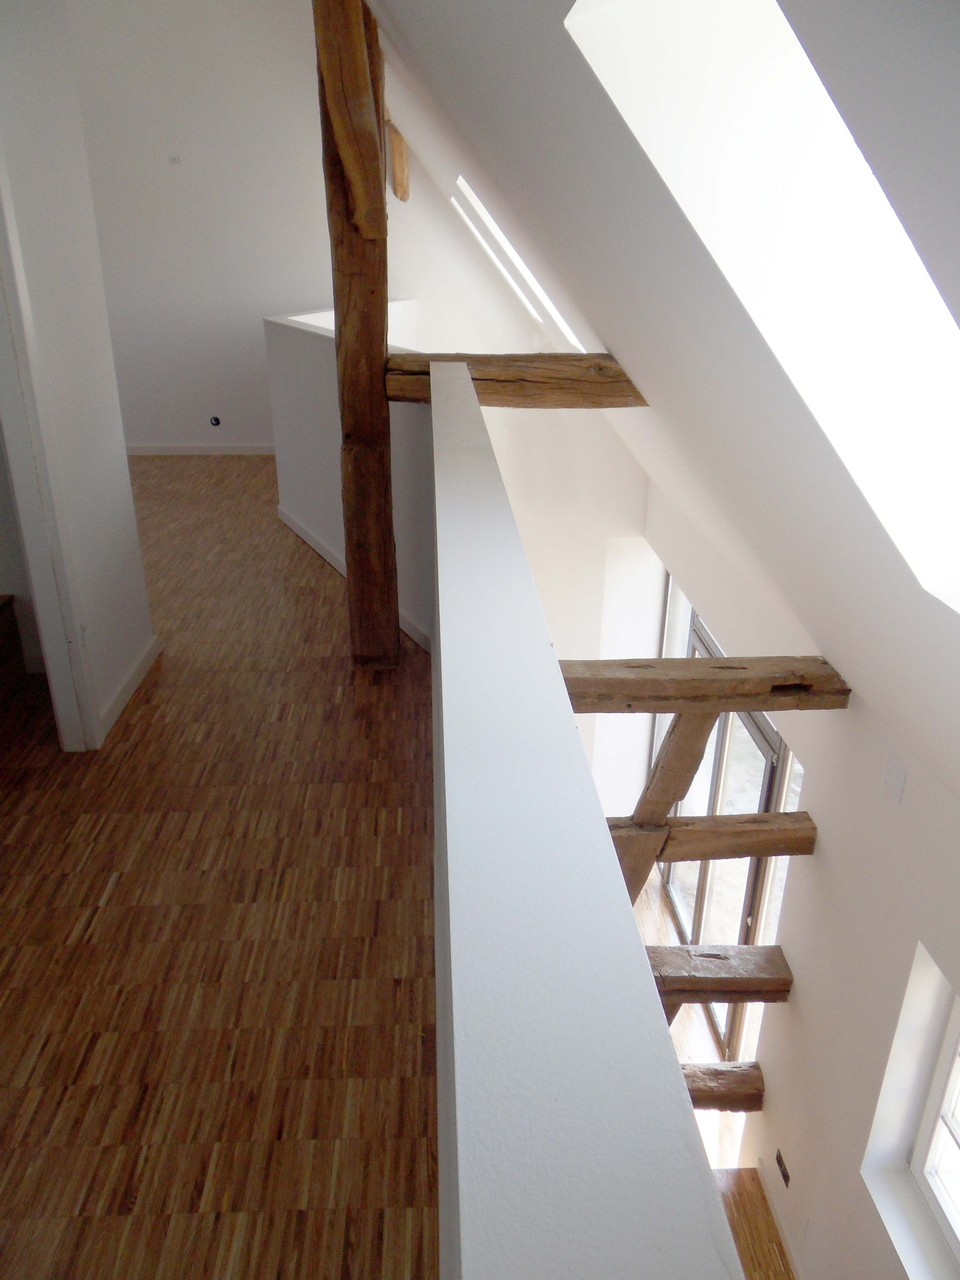 Vue de la coursive depuis l'étage. Le vide permet de créer un volume sur deux niveaux lumineux.